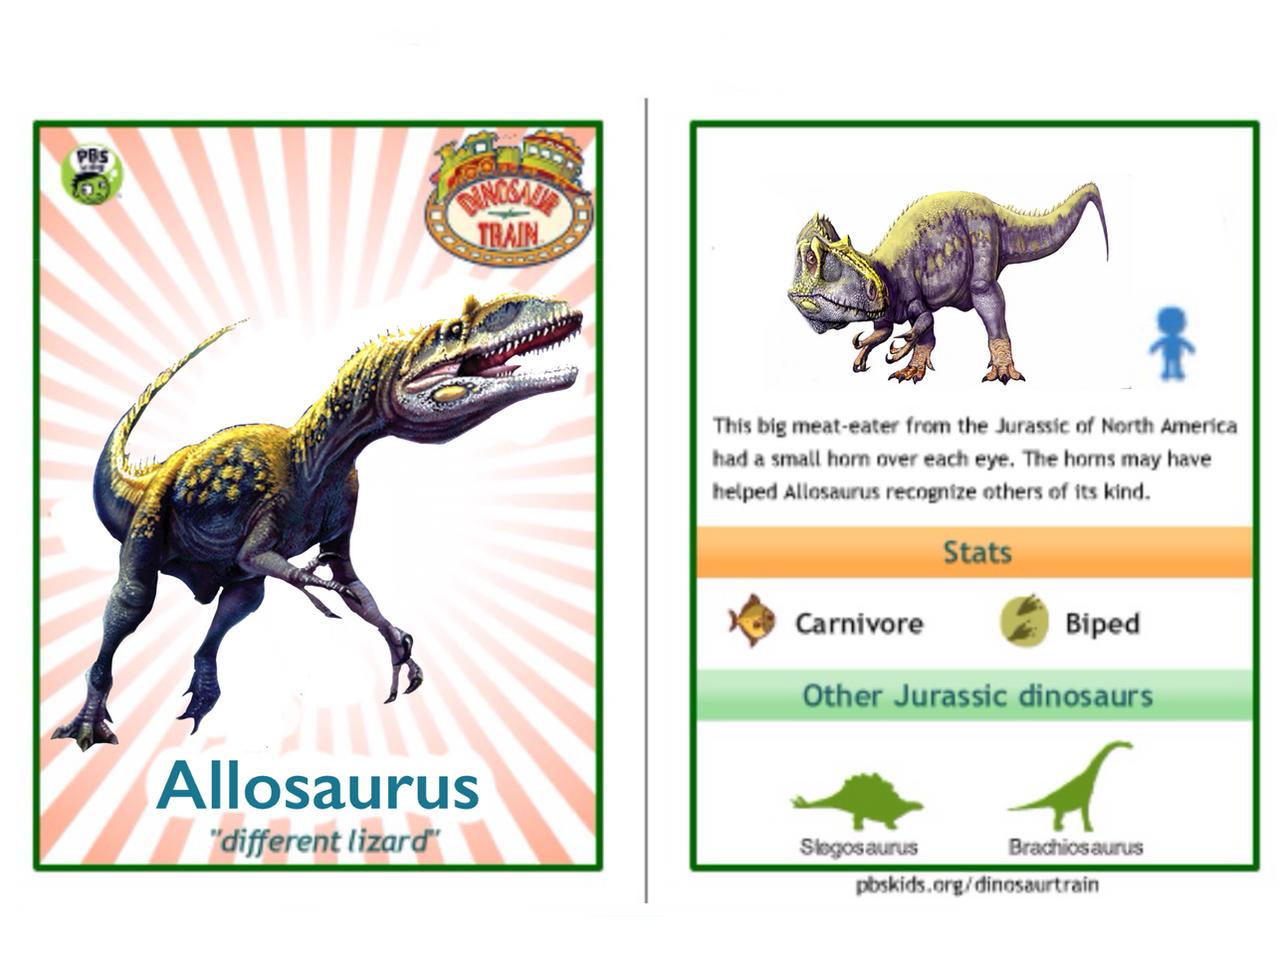 Dinosaur Train Allosaurus card by Vespisaurus on DeviantArt